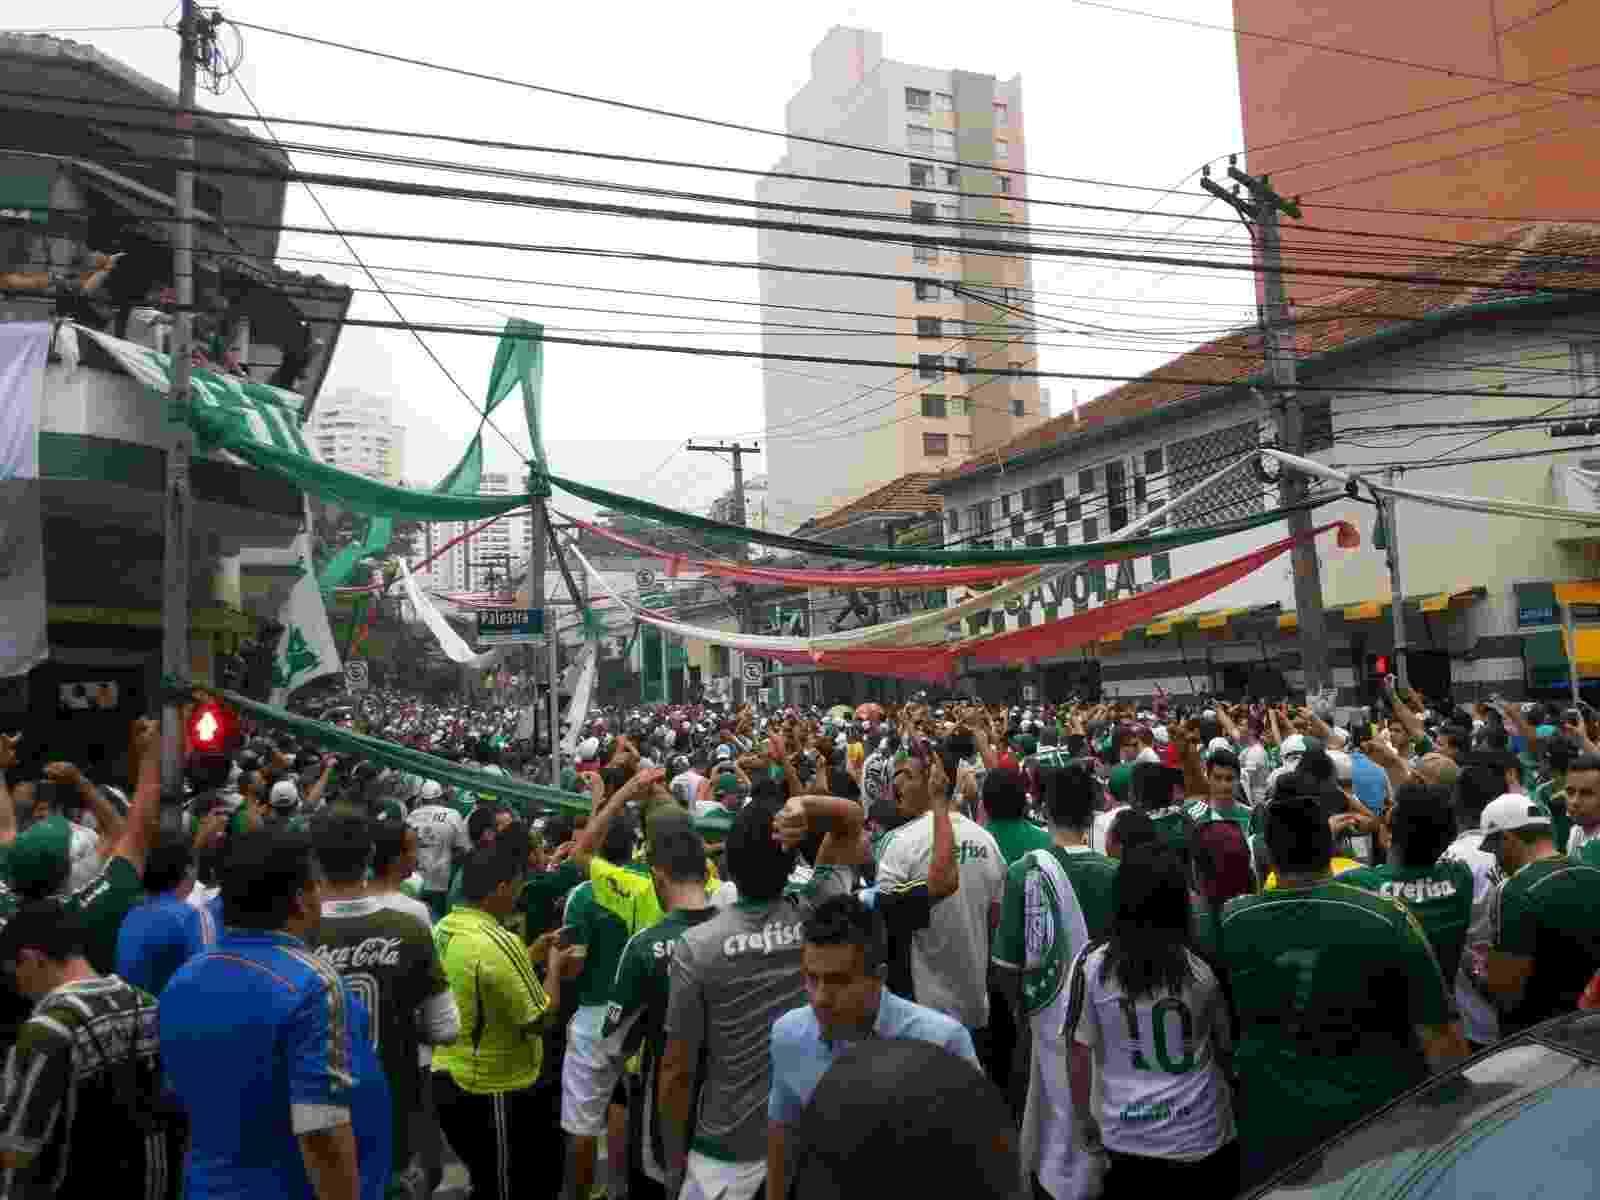 Torcedores do Palmeiras se reúnem nas imediações do Allianz Parque antes da final da Copa do Brasil - Diego Salgado/UOL